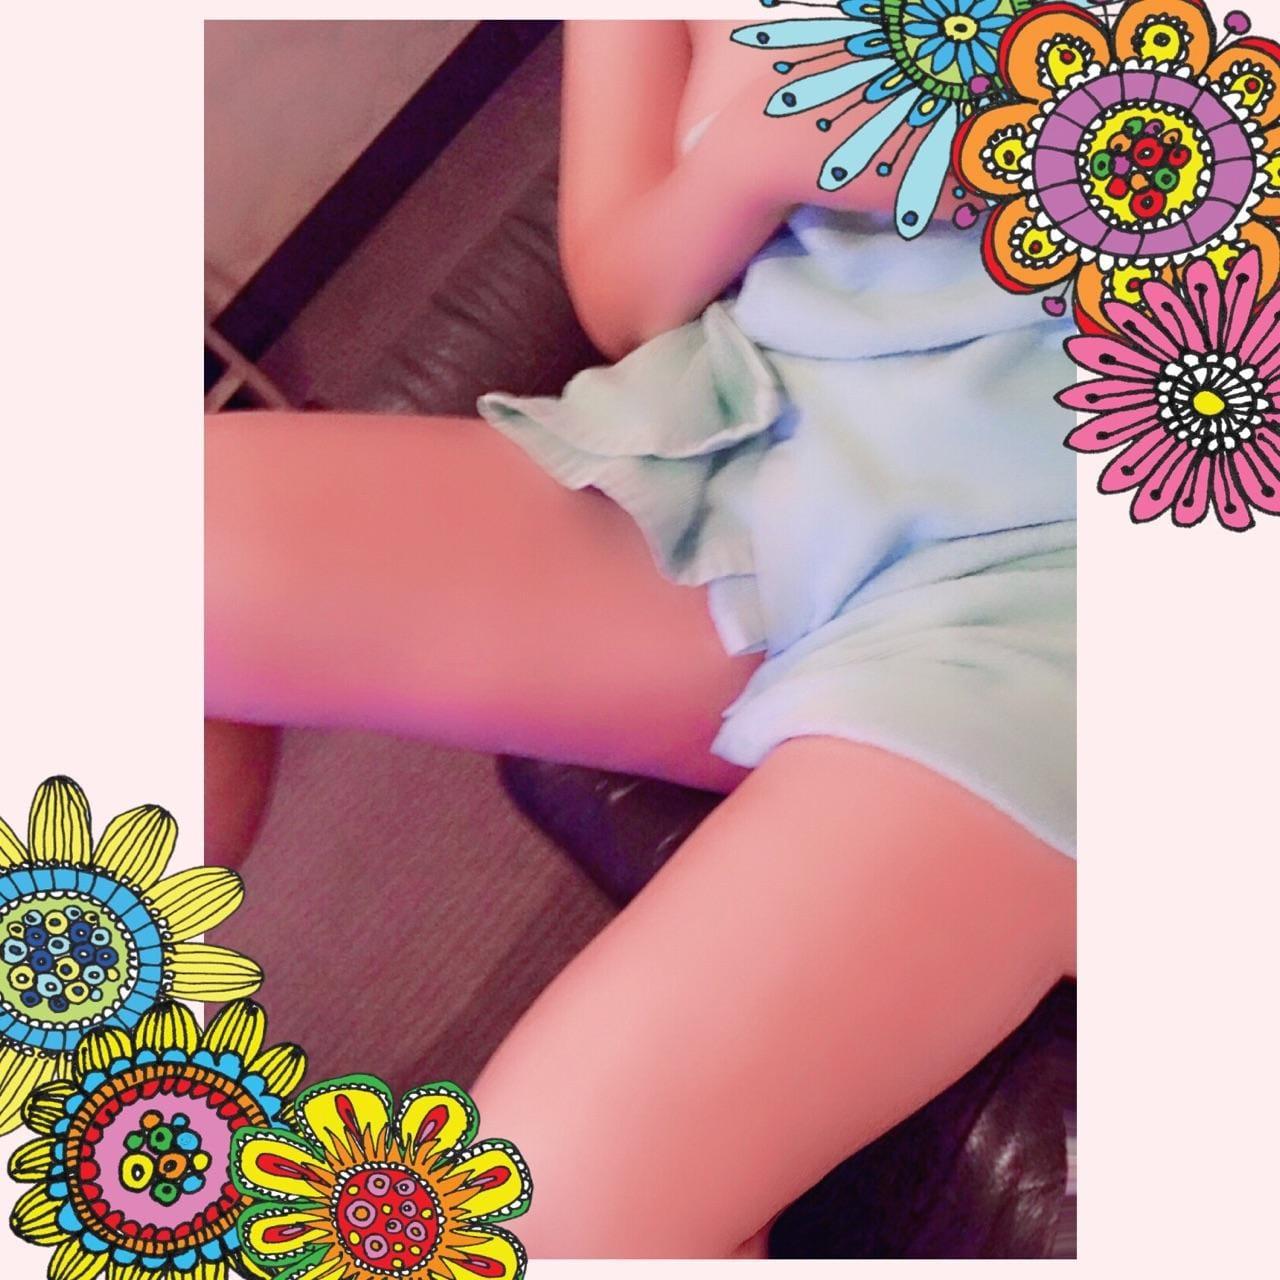 「お勉強♪」12/13(12/13) 06:24 | りょうの写メ・風俗動画